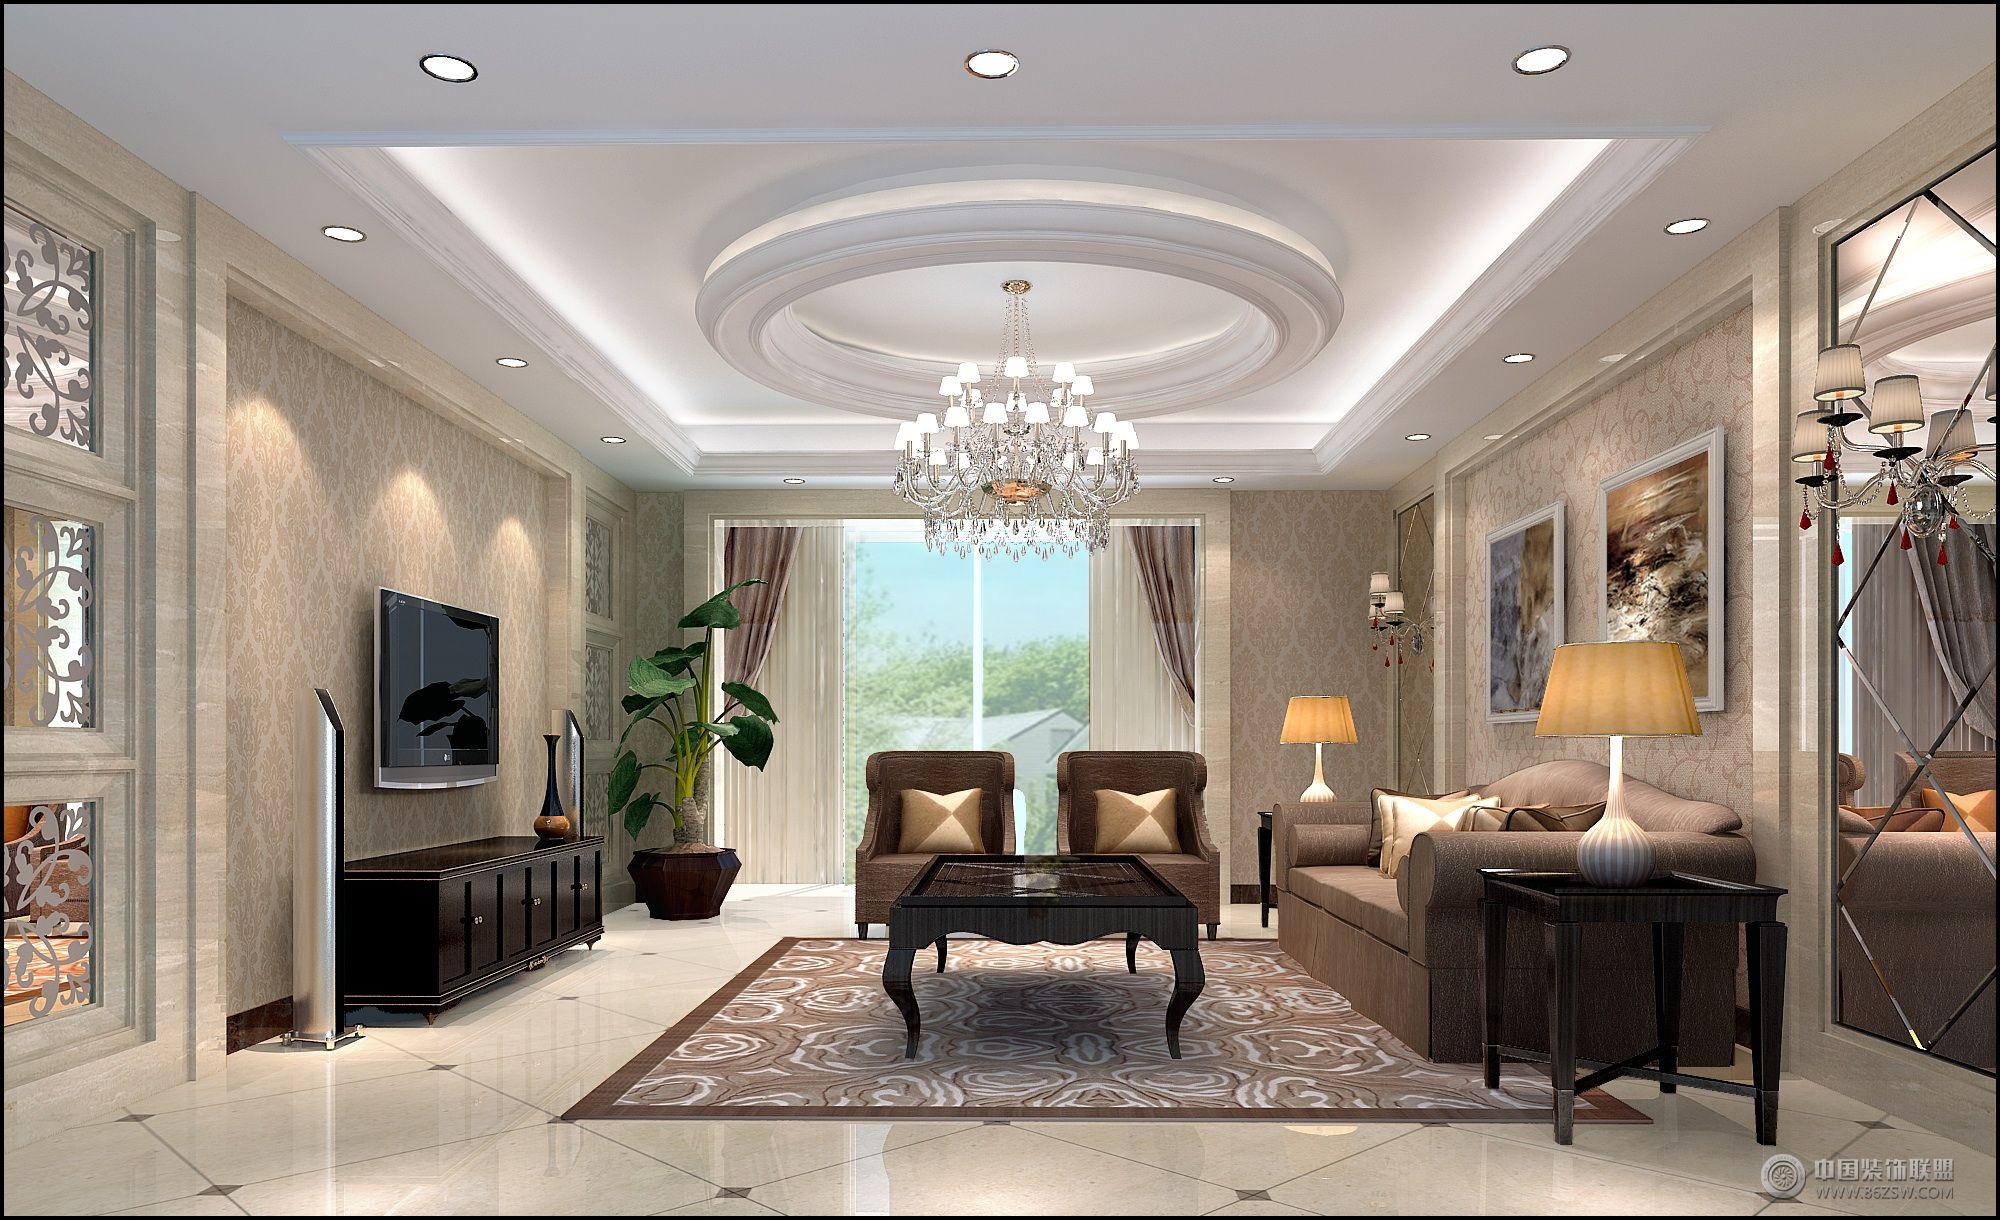 维多利亚欧式客厅装修图片